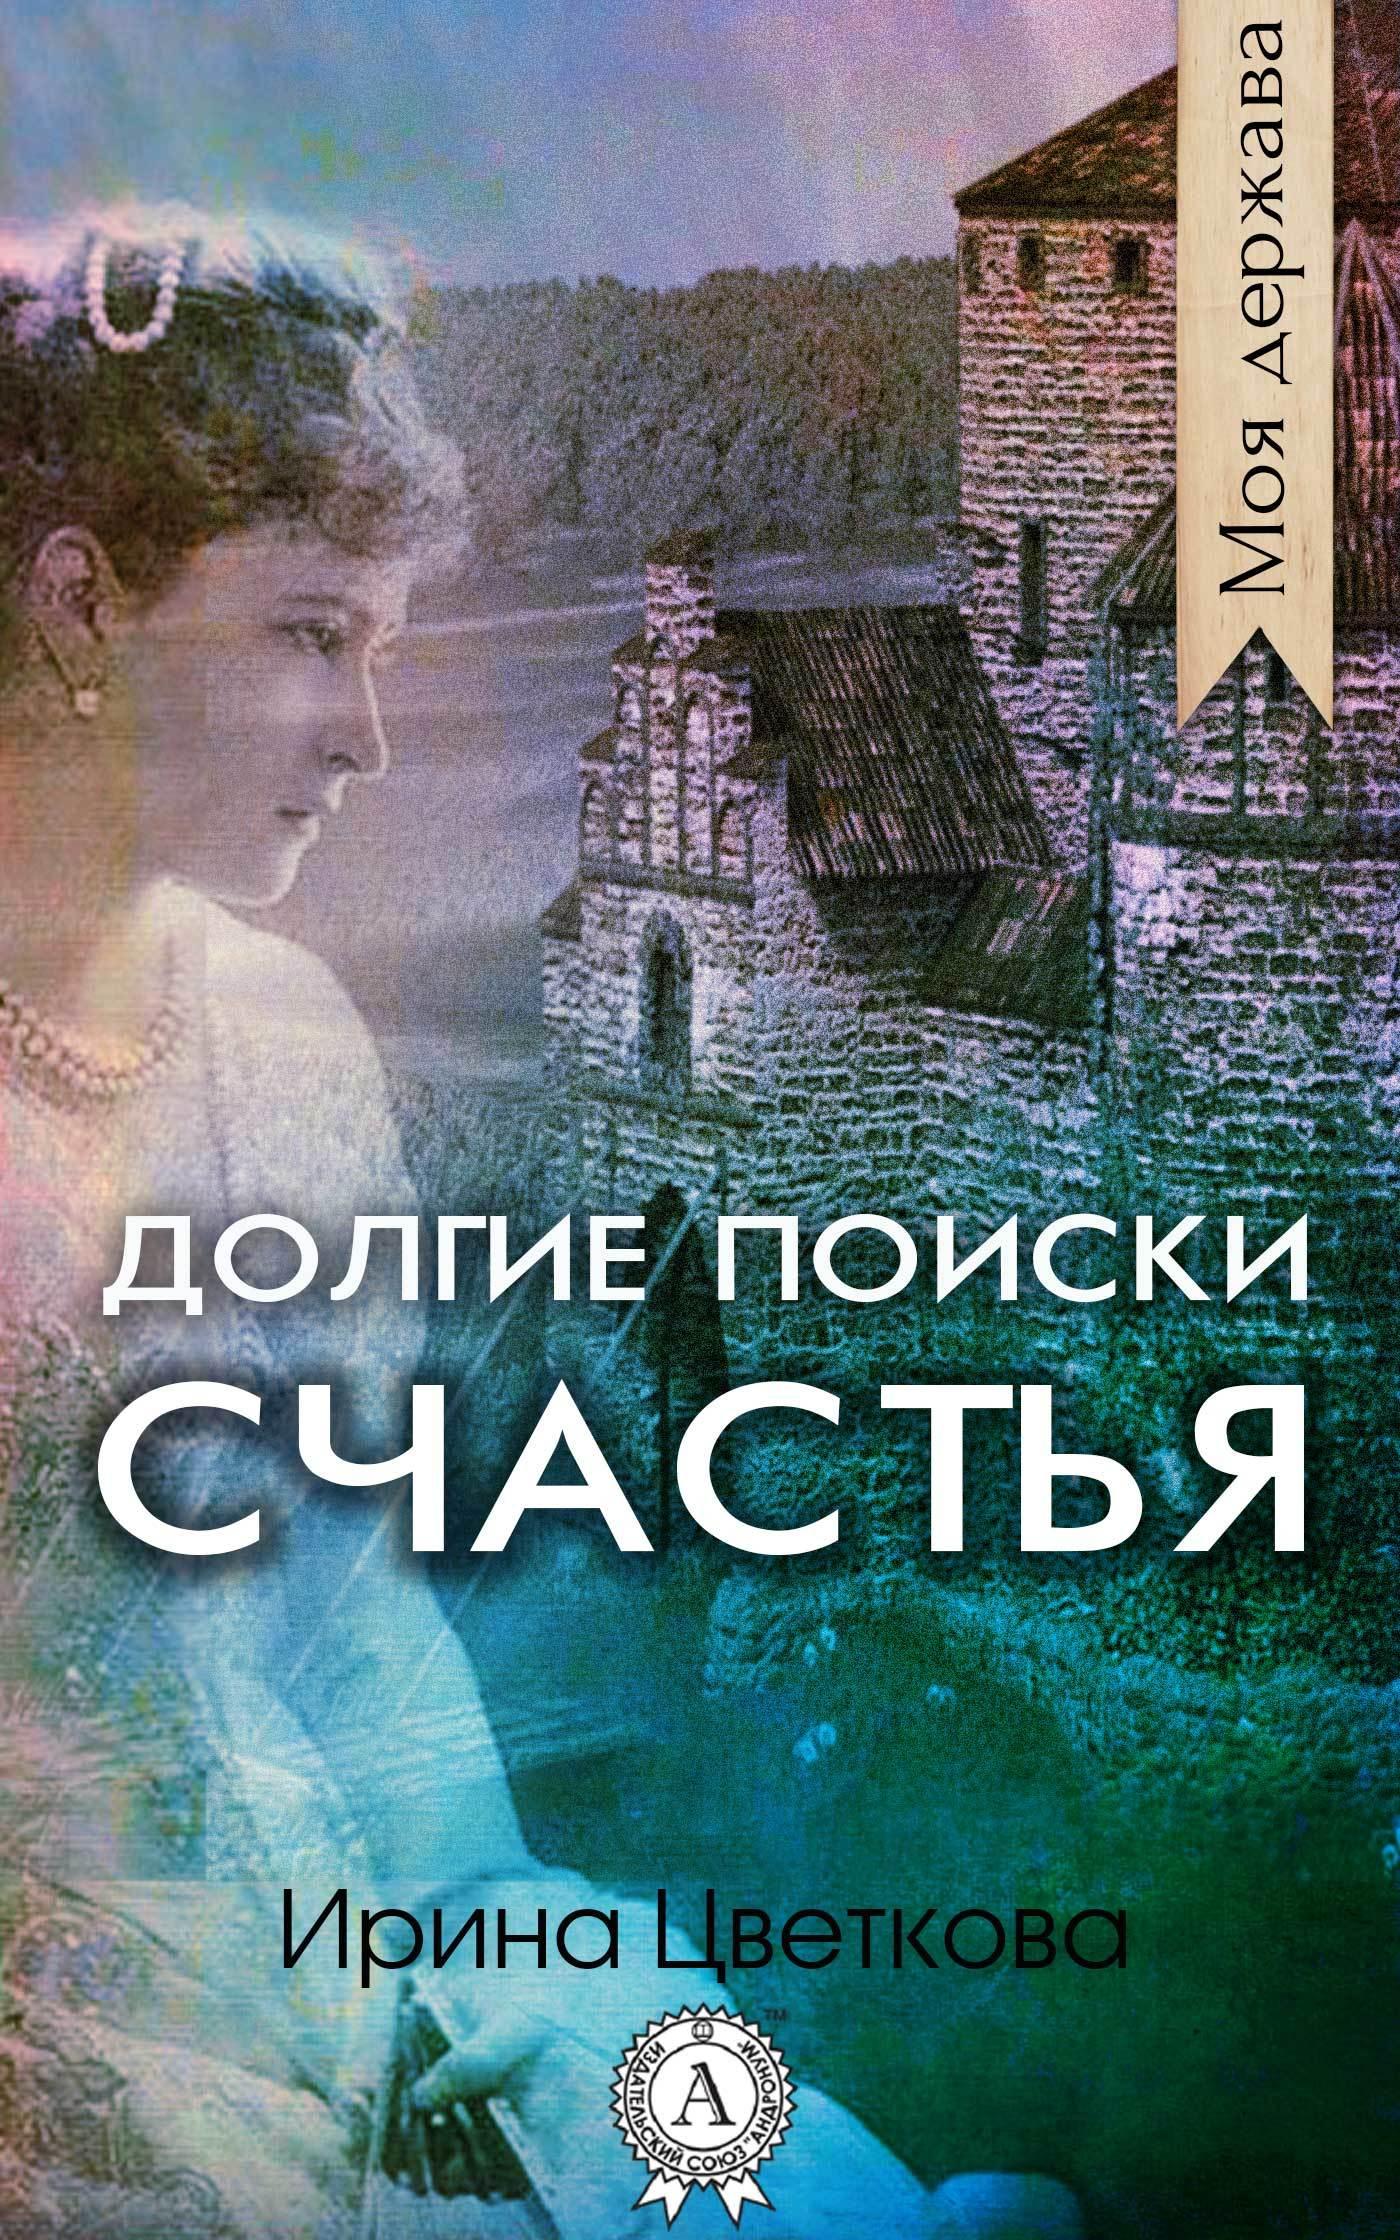 Ирина Цветкова - Долгие поиски счастья